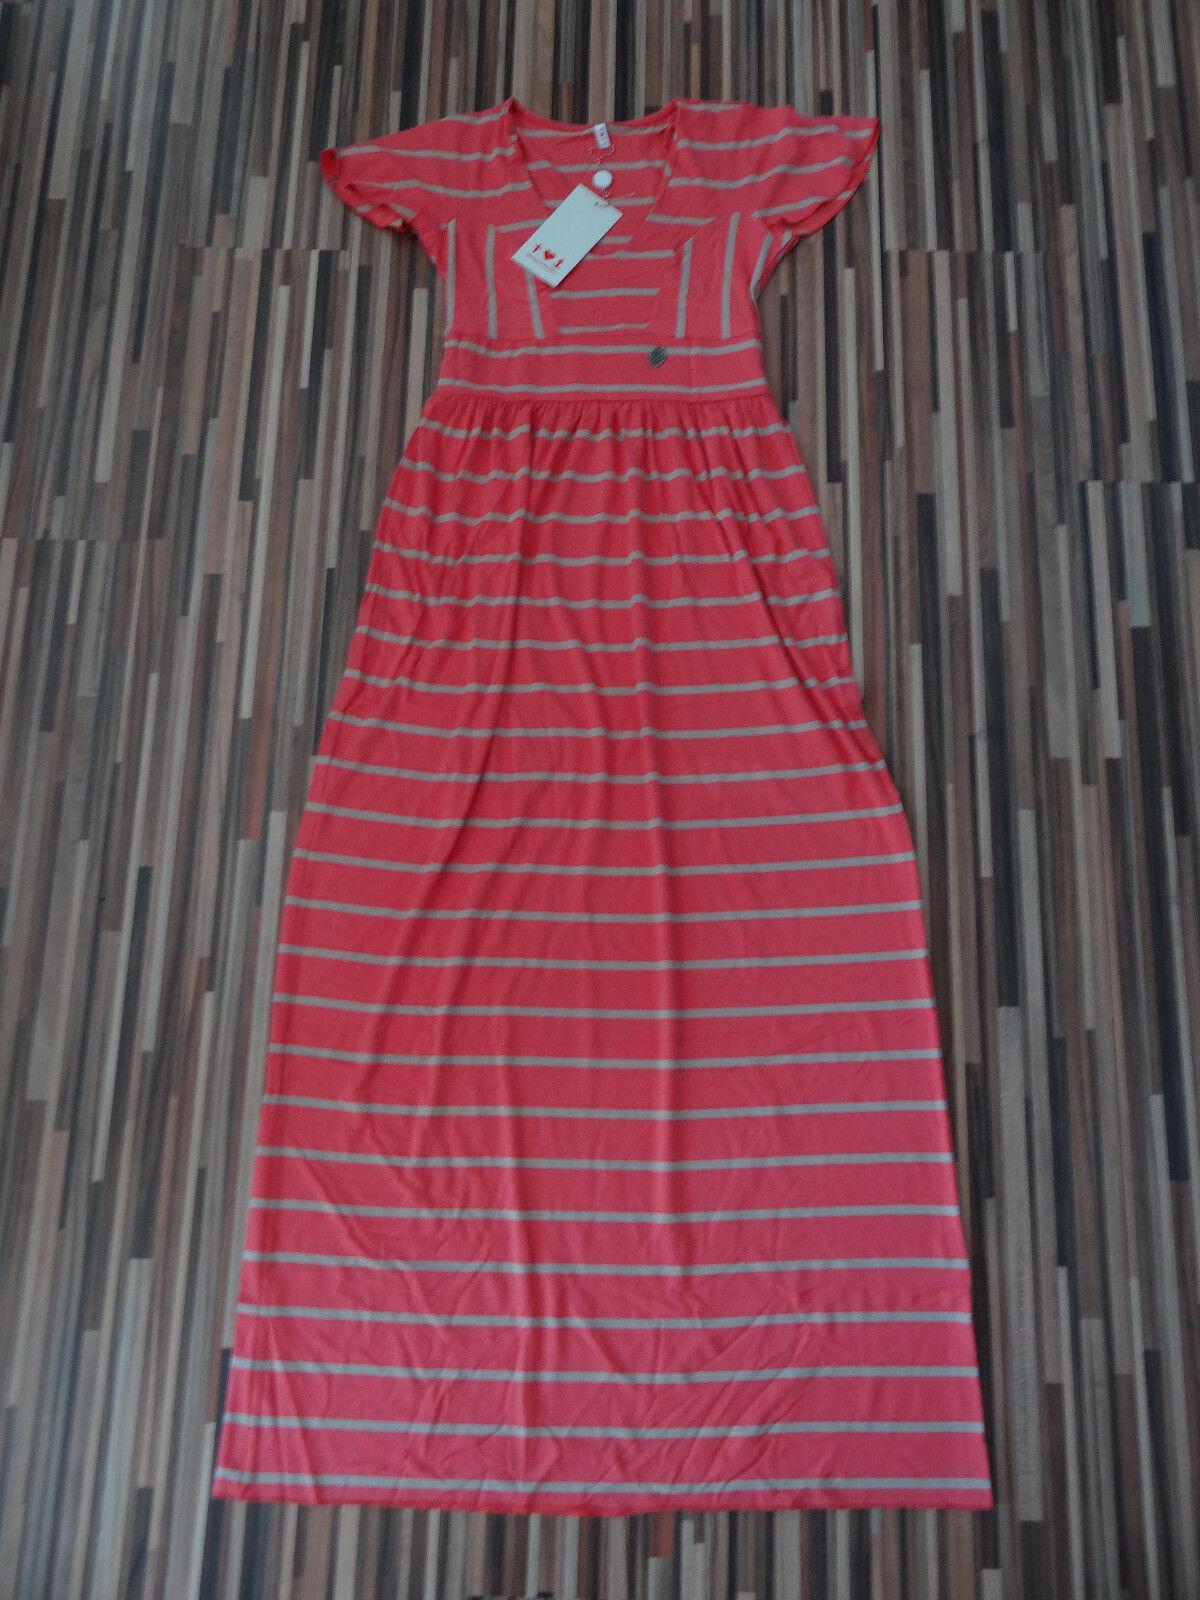 BlauTSGESCHWISTER Kleid Sundown, Gr. S, neu mit Etikett, V-Ausschnitt